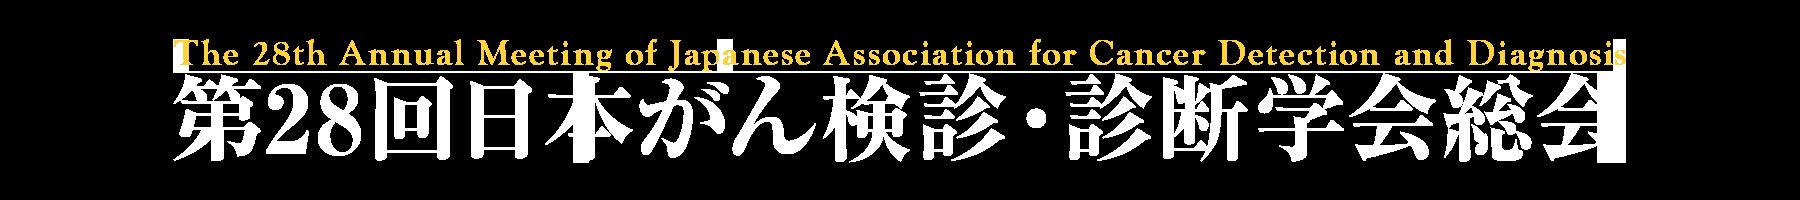 第28回日本がん検診・診断学会総会